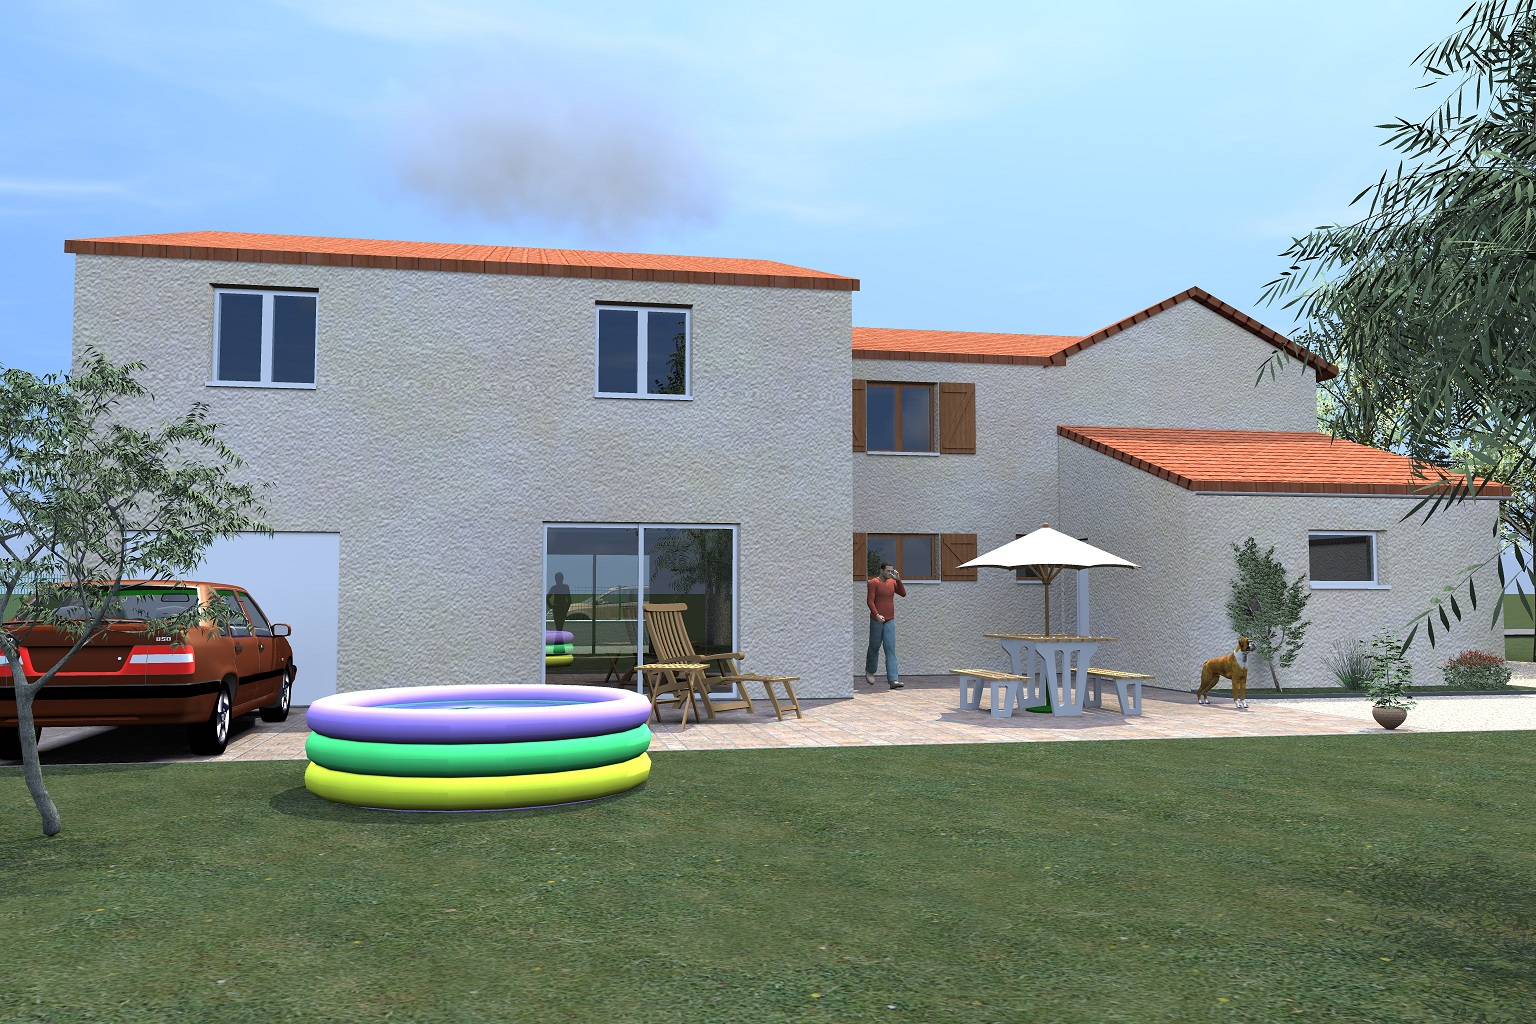 Paul architecture agrandissement maison amagne 08 for Permis de construire pour agrandissement